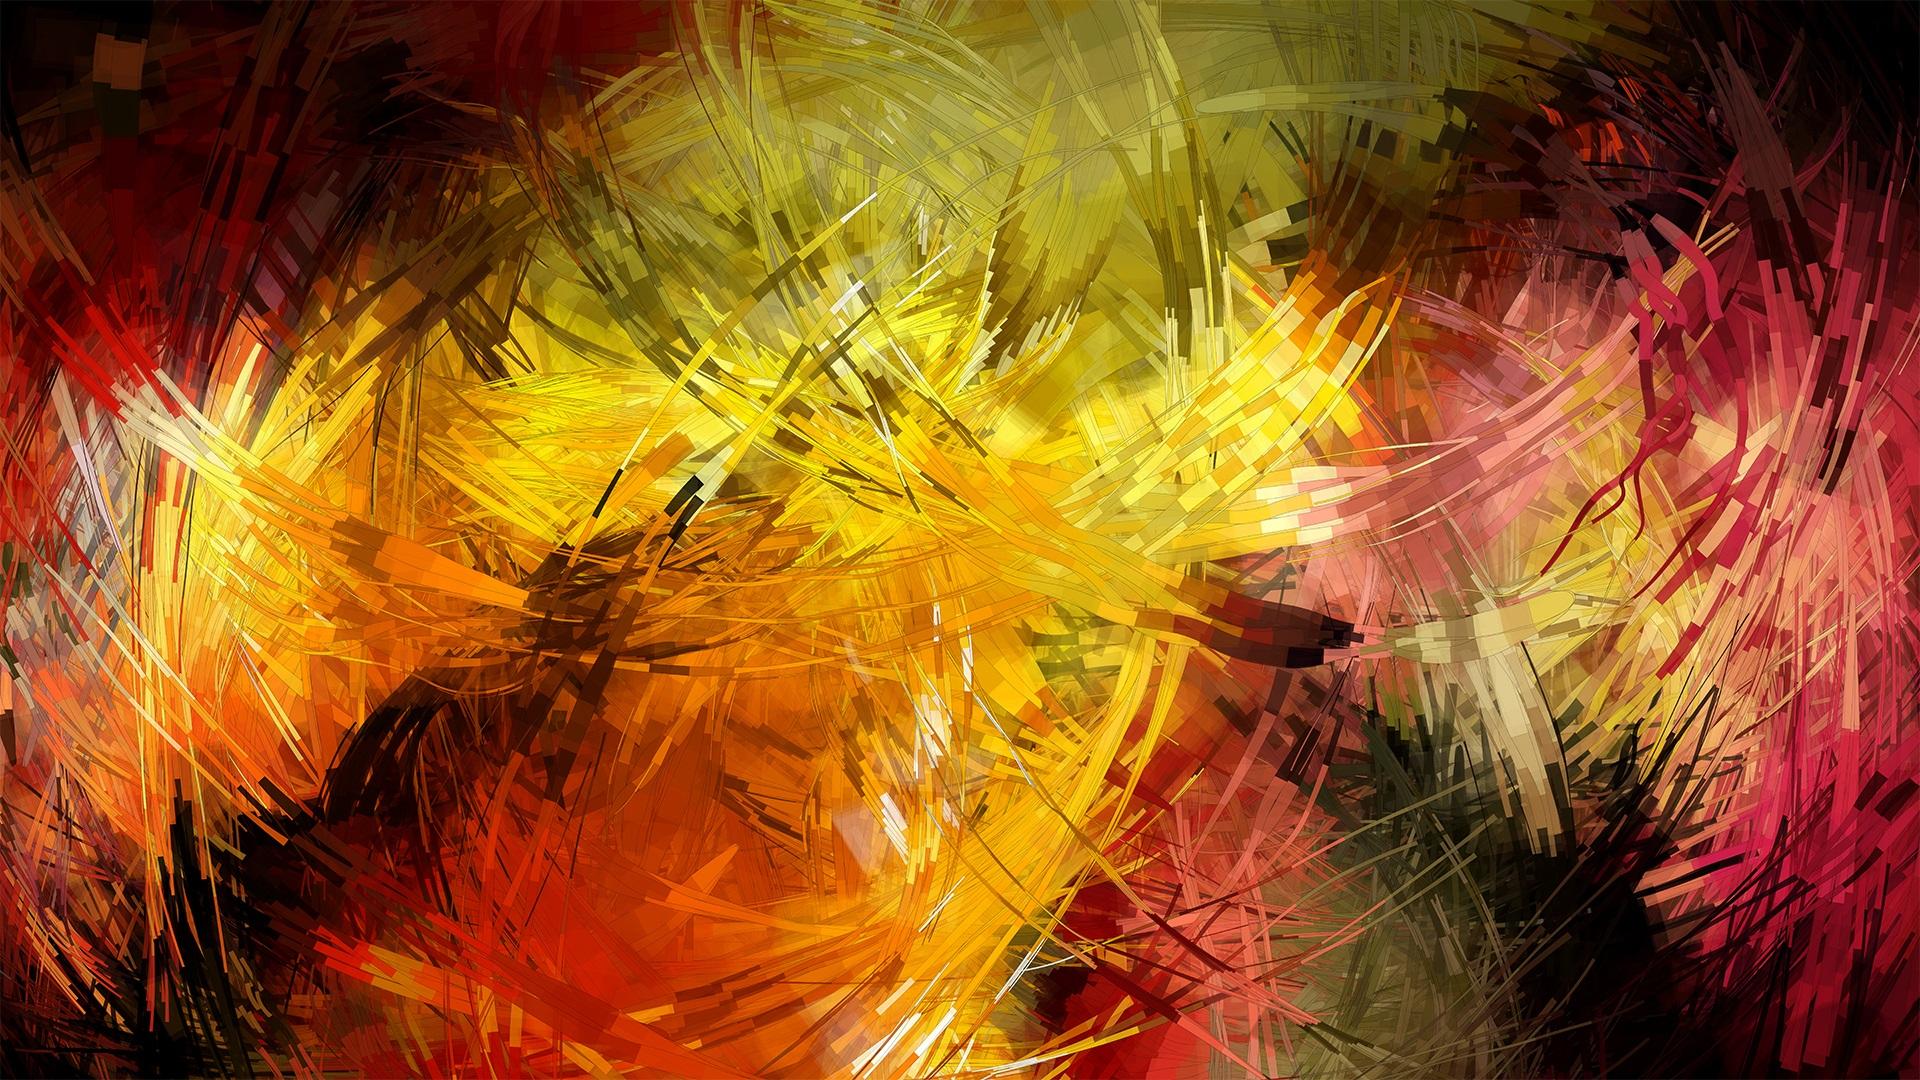 1920x1080 Abstracto Full Hd 1920x1080: Líneas De Colores, Trazos, Cuadros Abstractos Fondos De